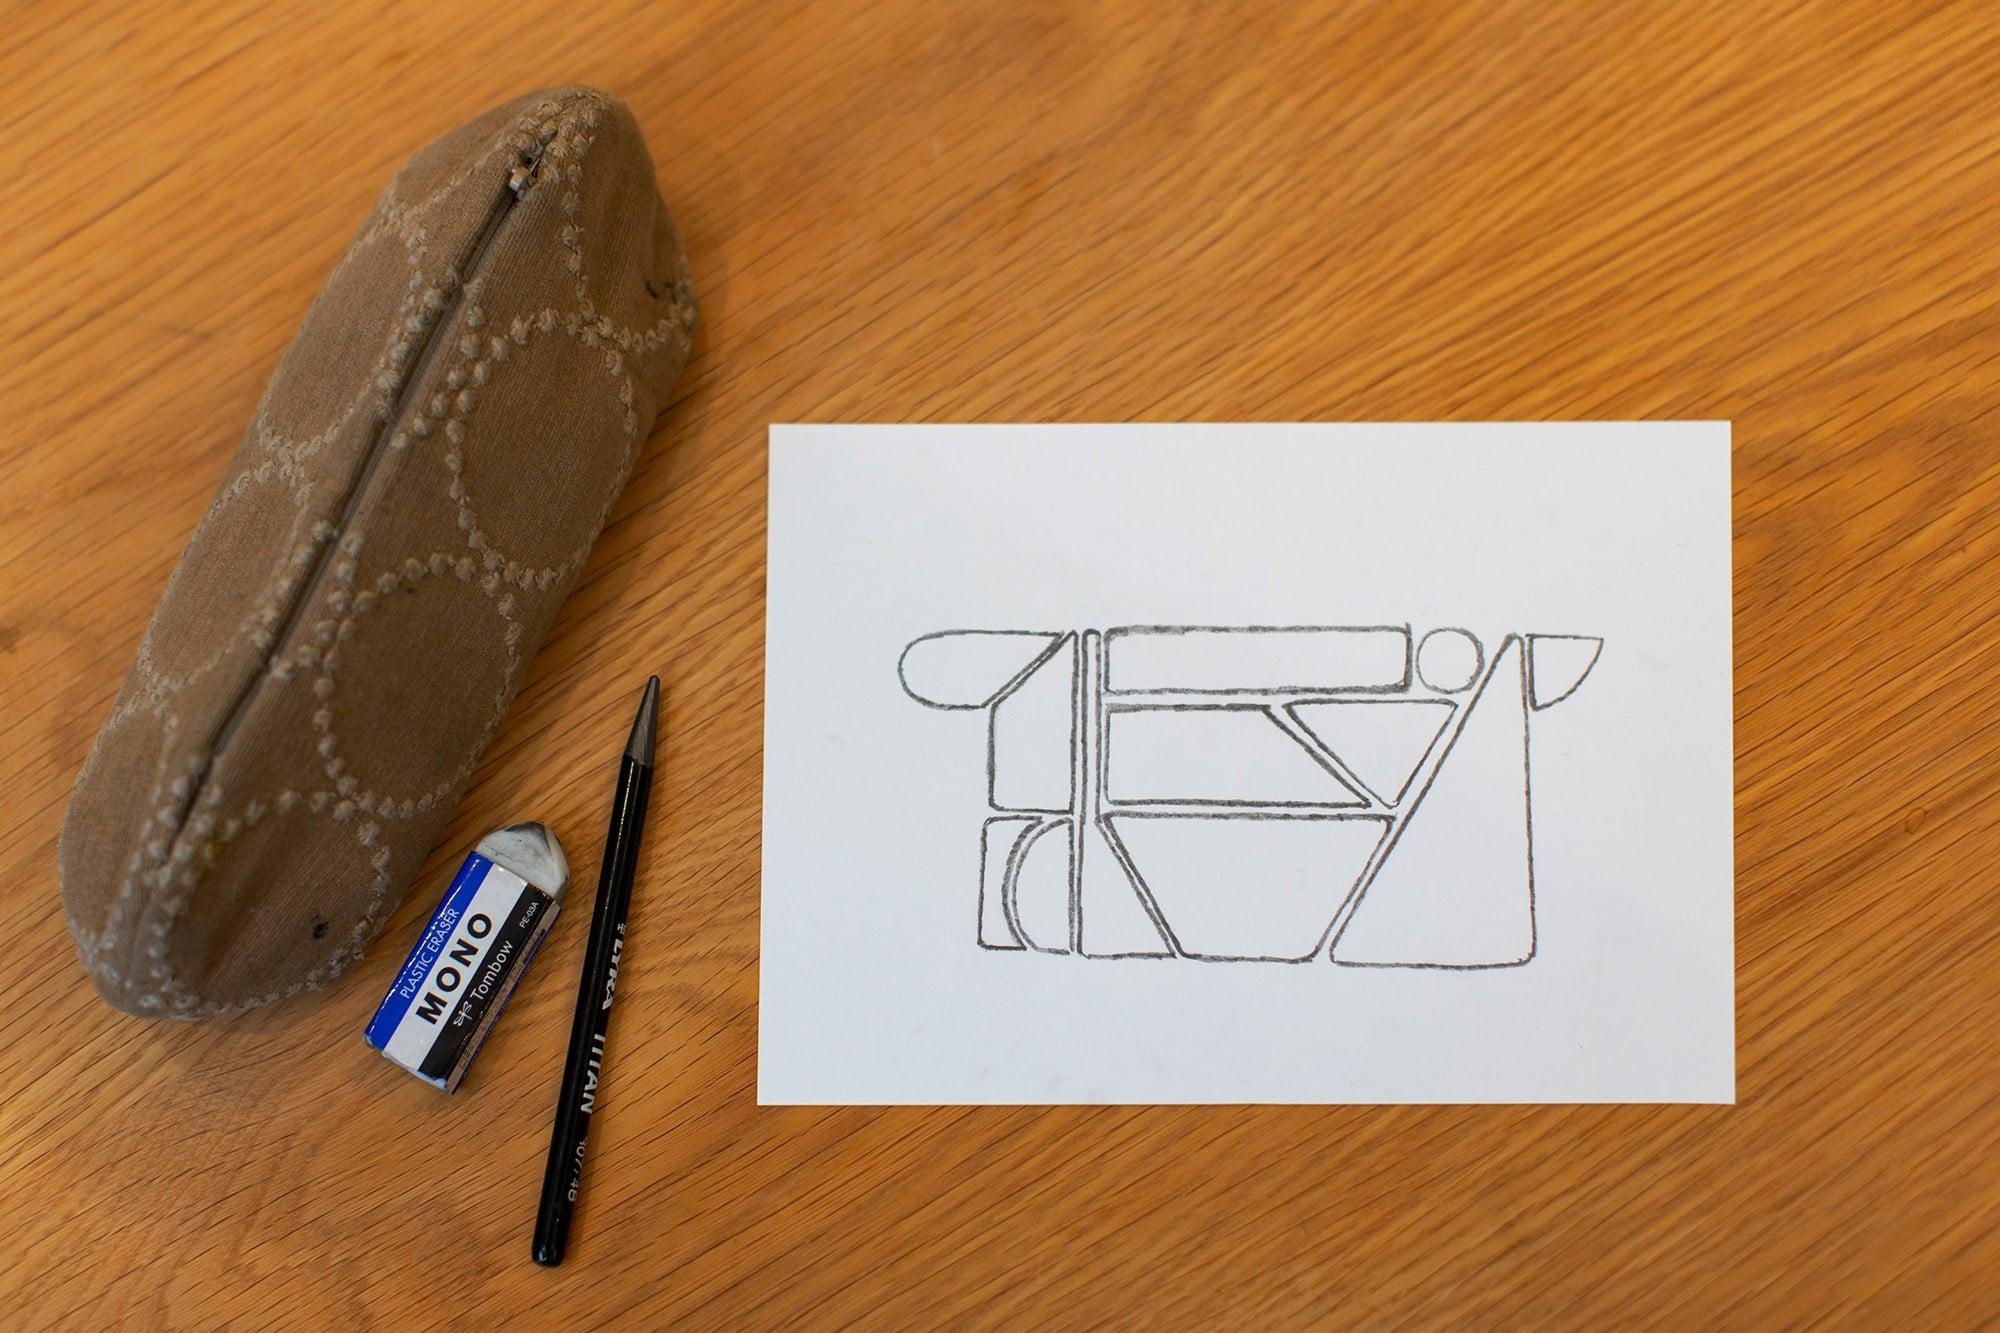 思い立ったらすぐ描きたくなってしまうから、紙の種類や大きさは問わない。モチーフもさまざま。そして描き出したら止まらない。